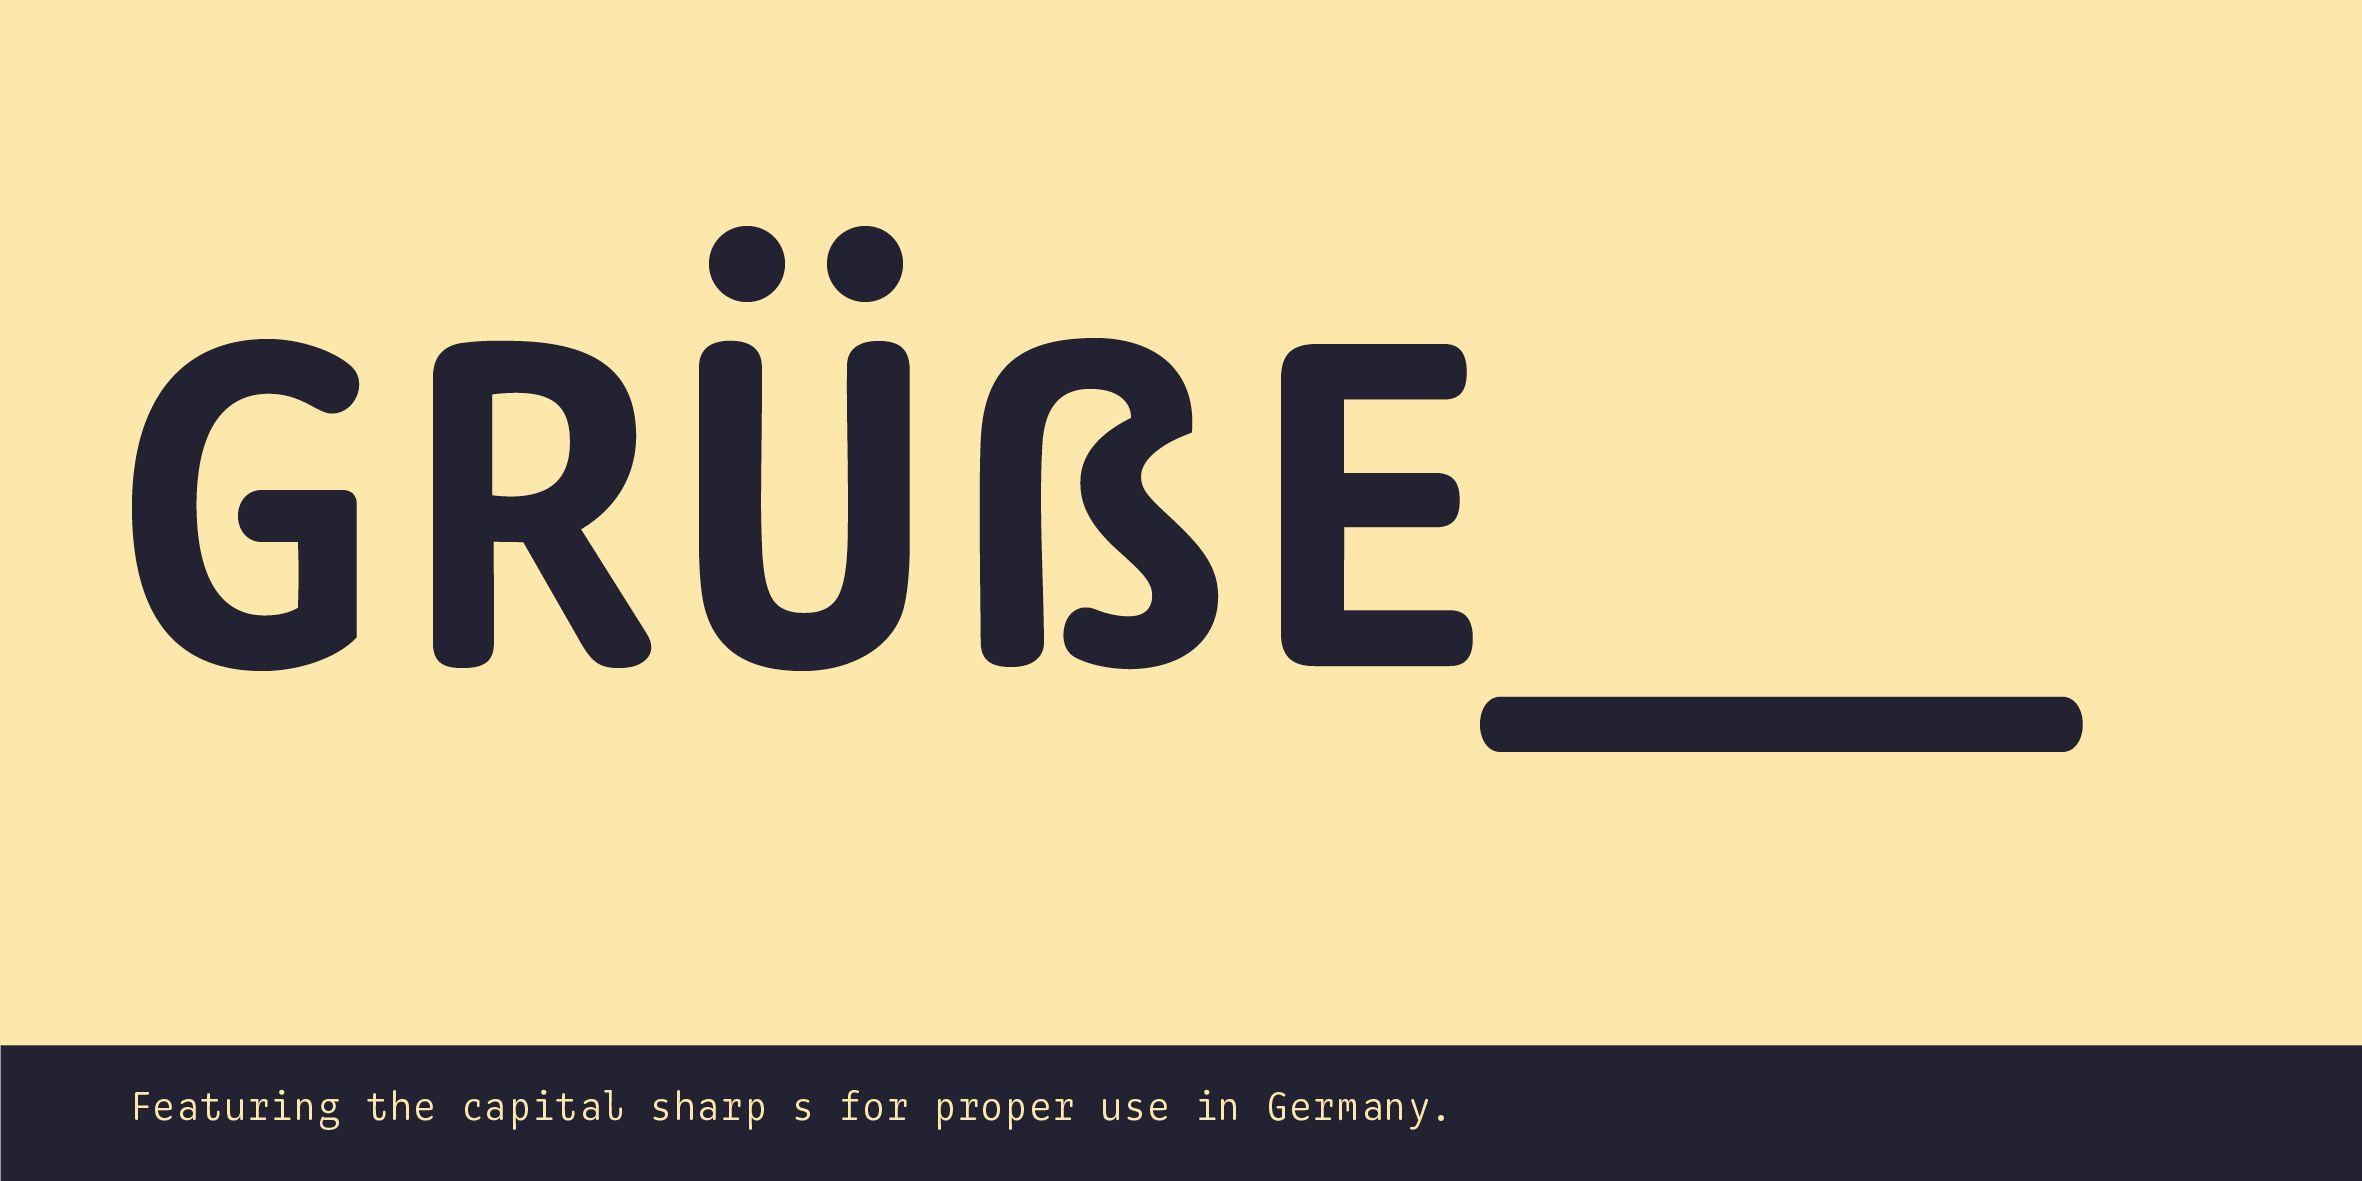 Monoflow Poster: Darstellung des Versal-Scharf-S im Wortkontext (Grüße)